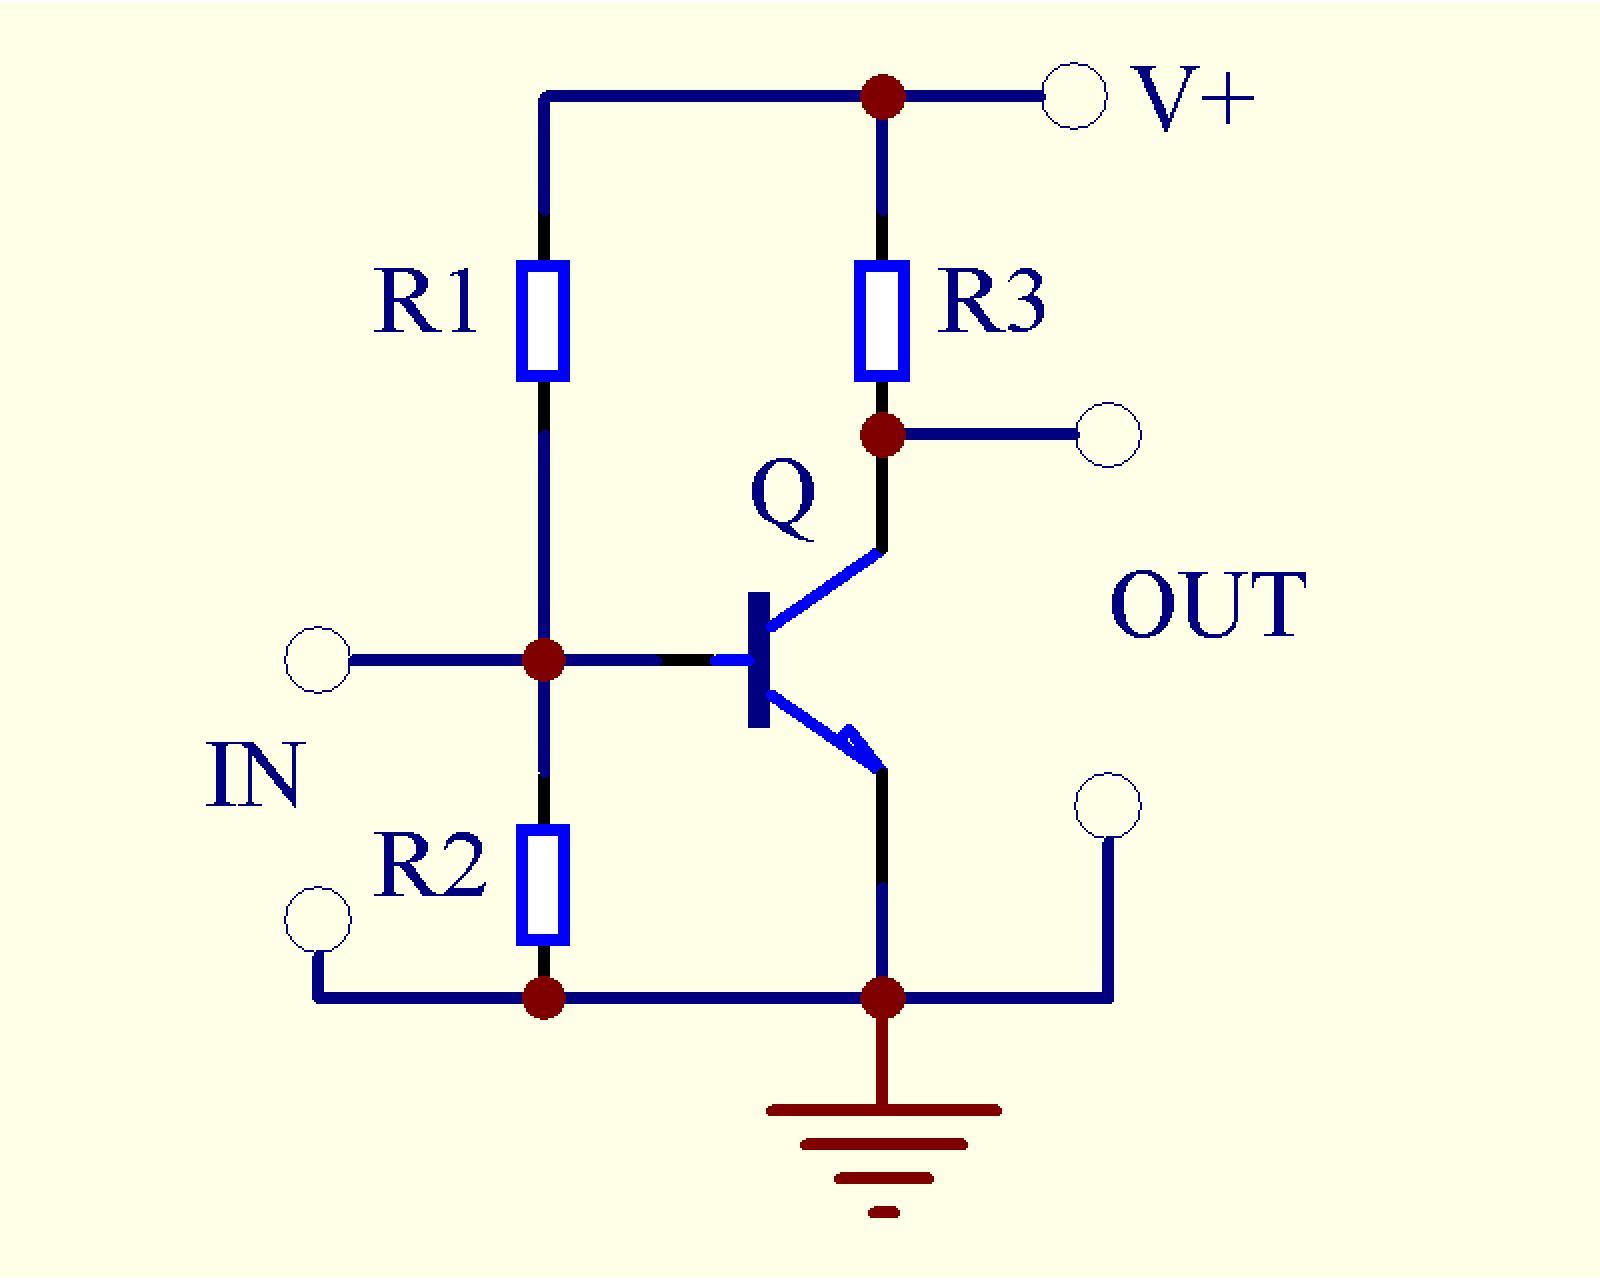 怎样判断一个电路是否具有放大功能 请说明理由!